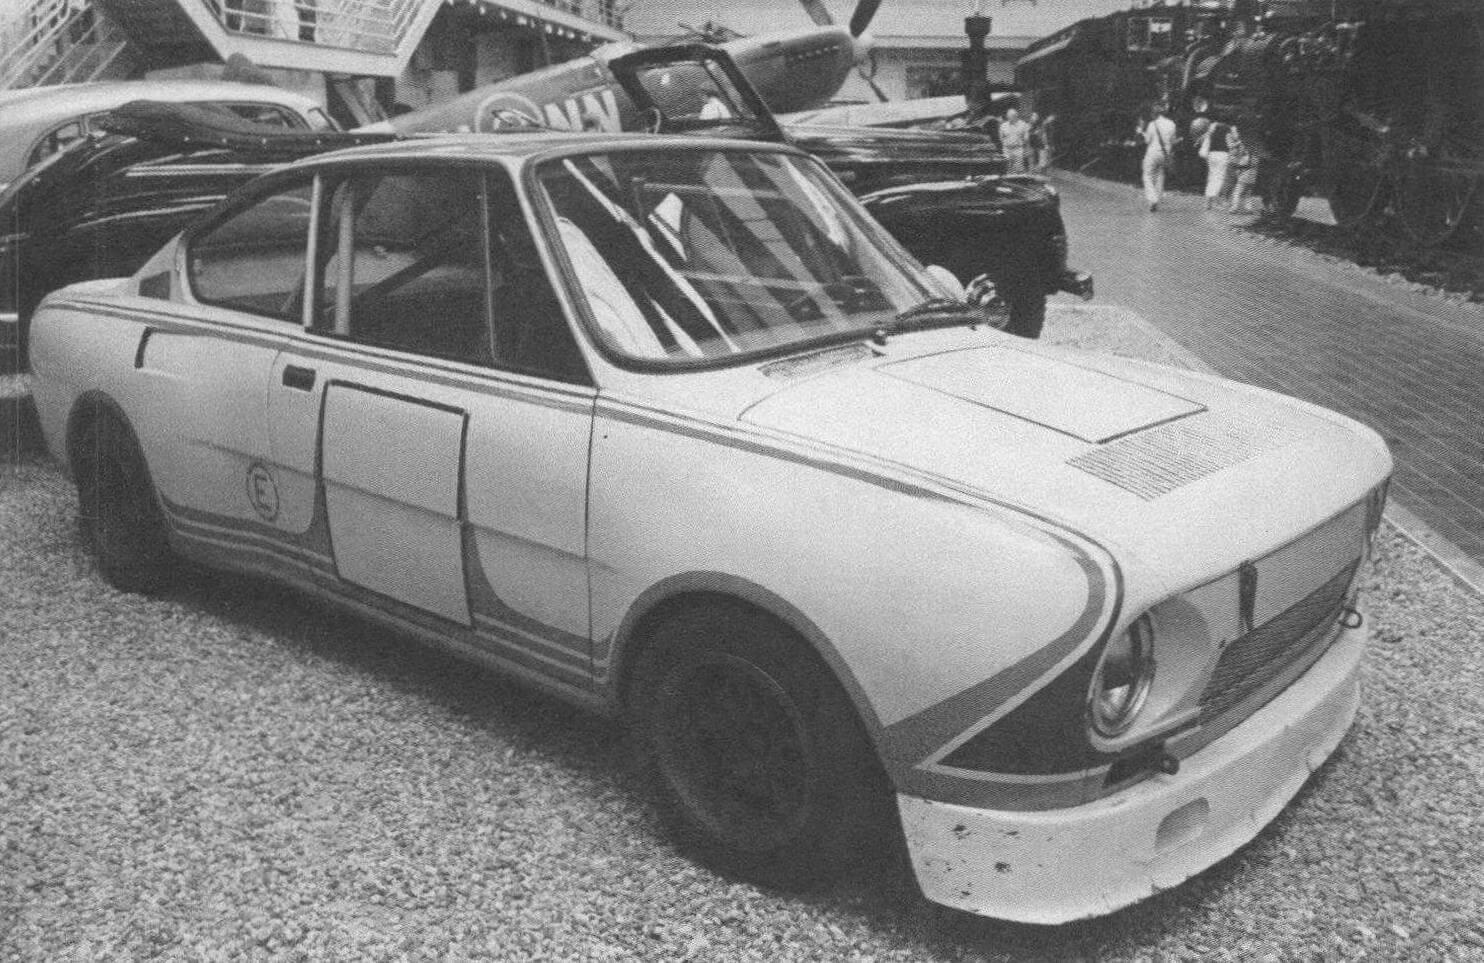 Skoda 130 RS в исполнении для кольцевых автогонок